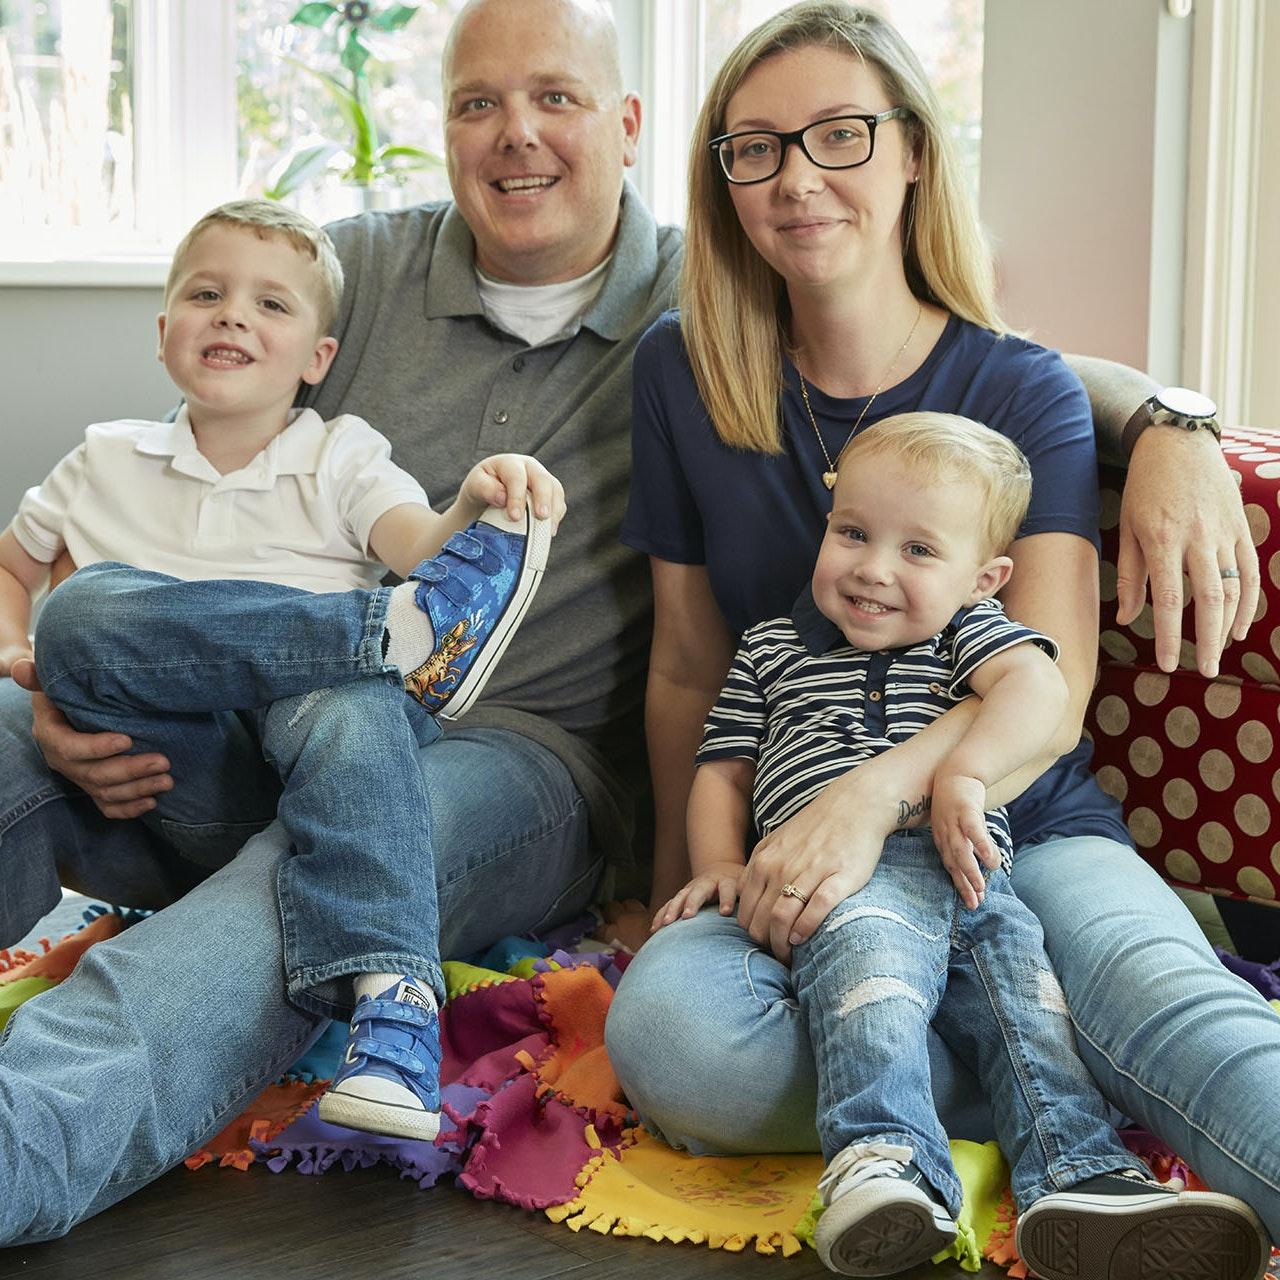 The Hiller family